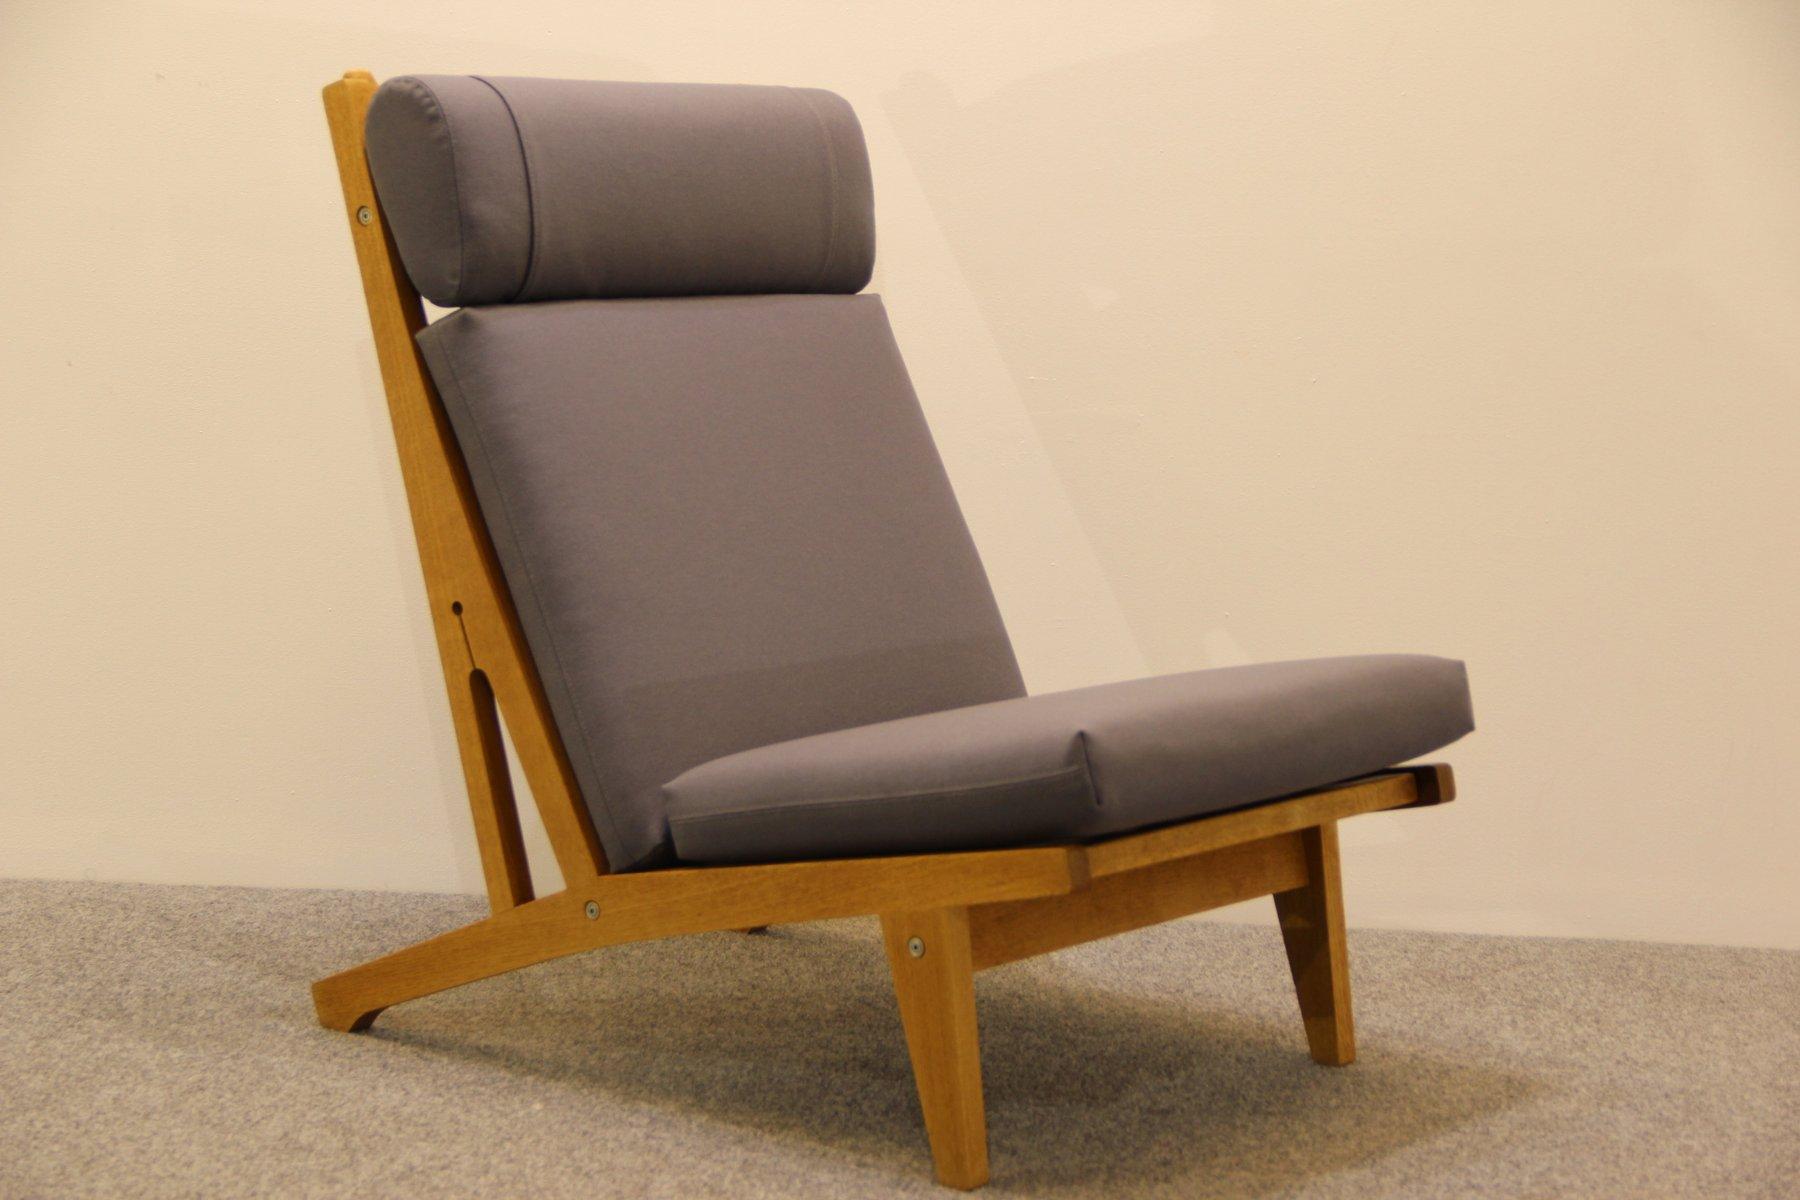 d nischer sessel aus eiche von hans j wegner f r getama 1960er bei pamono kaufen. Black Bedroom Furniture Sets. Home Design Ideas